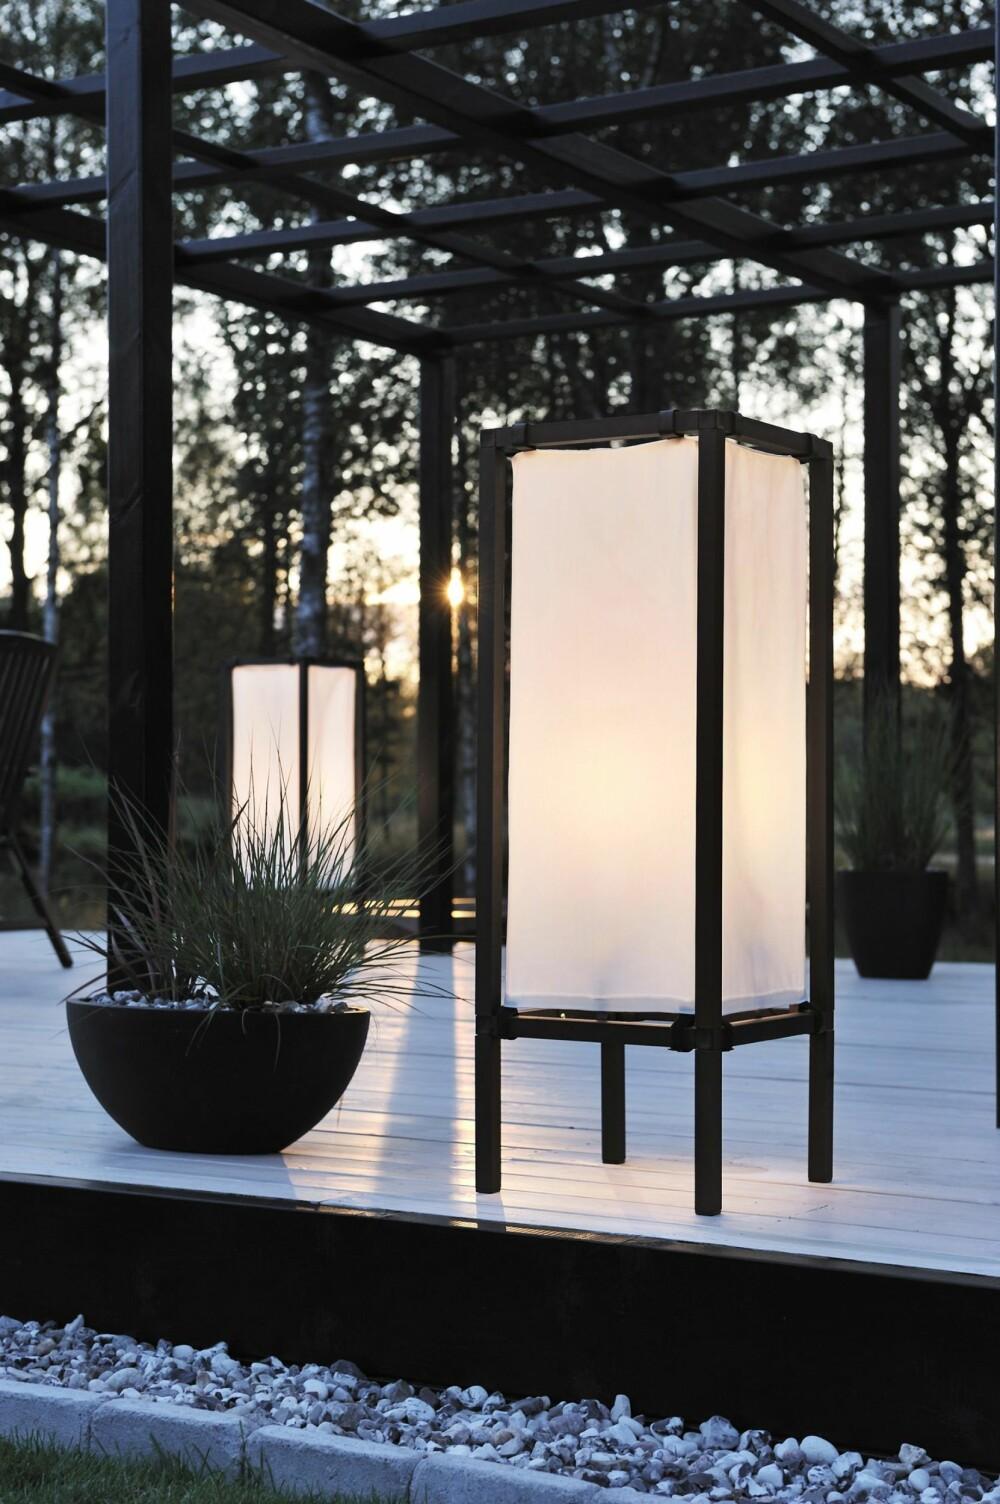 JAPANSK PREG: Det hvite stoffet sprer lyset og gjør det mykt, behagelig og inviterende. Palermo Lounge Lantern fra Konstsmide fås i to størrelser; h: 101 og 63 cm, kr 1499 - 2399, konstsmide.se.